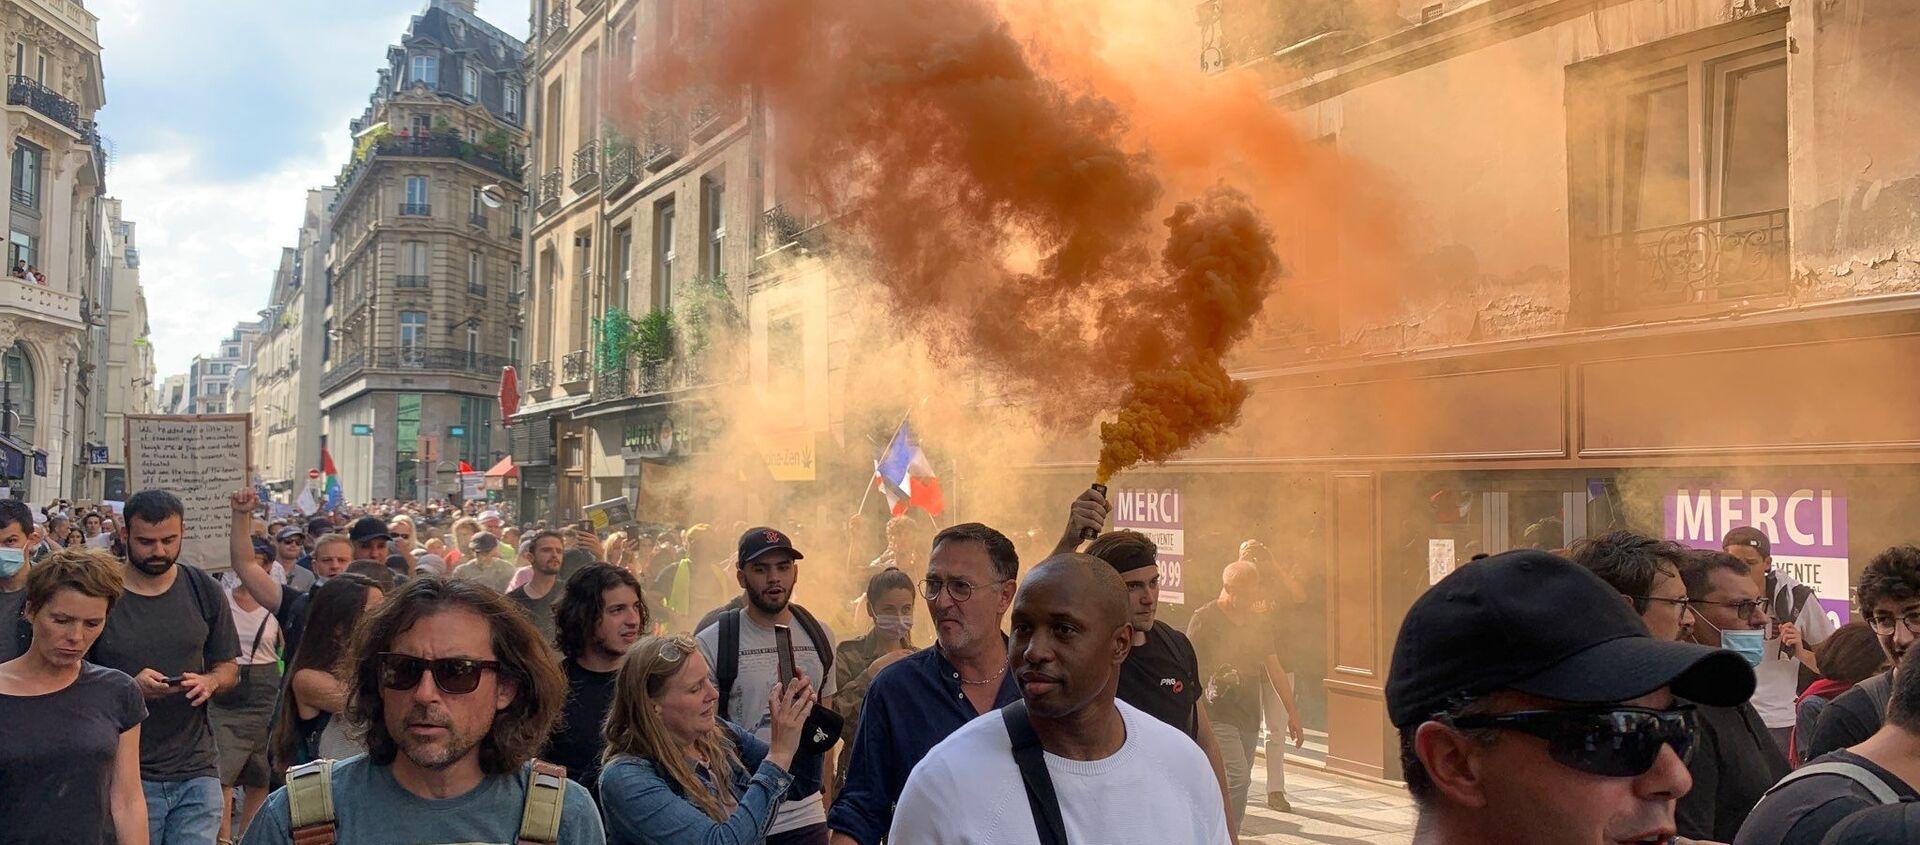 Dixième samedi de manifestations contre le pass sanitaire, le 18 septembre 2021  - Sputnik France, 1920, 18.09.2021